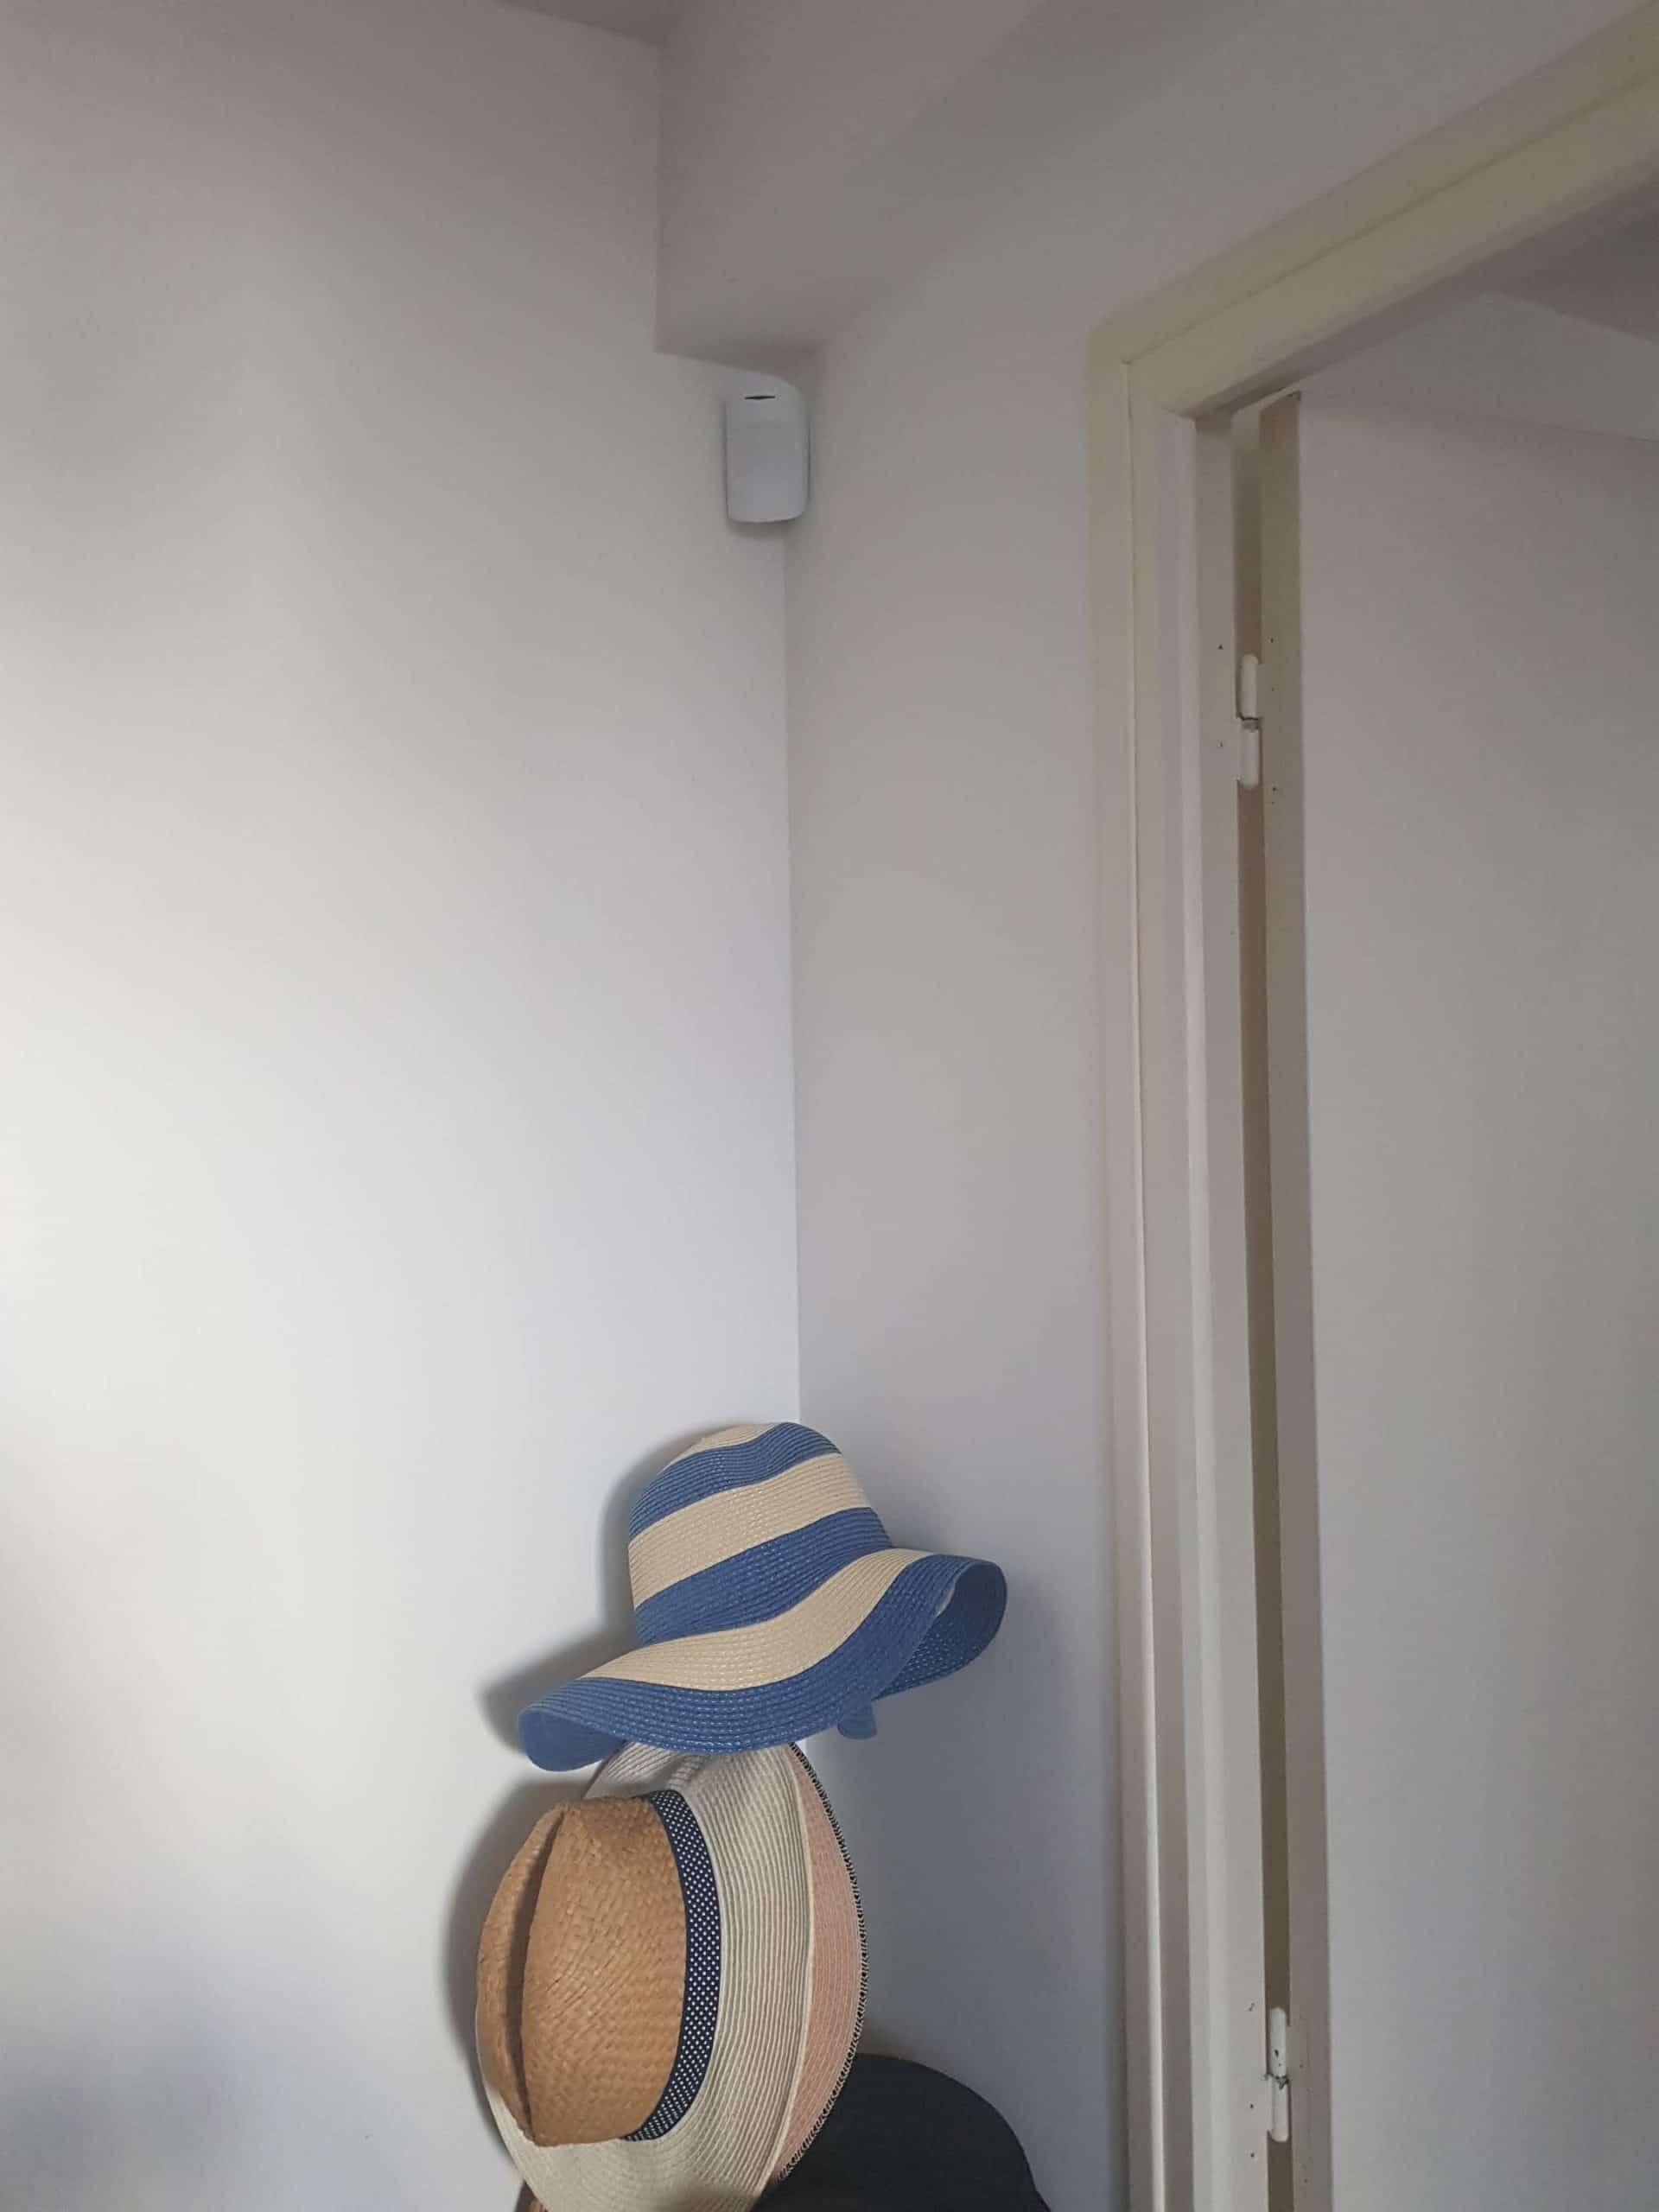 Installation d'une alarme sans fil Ajax avec détecteurs de mouvements et sirène pour un appartement en rez-de-chaussée à Marseille